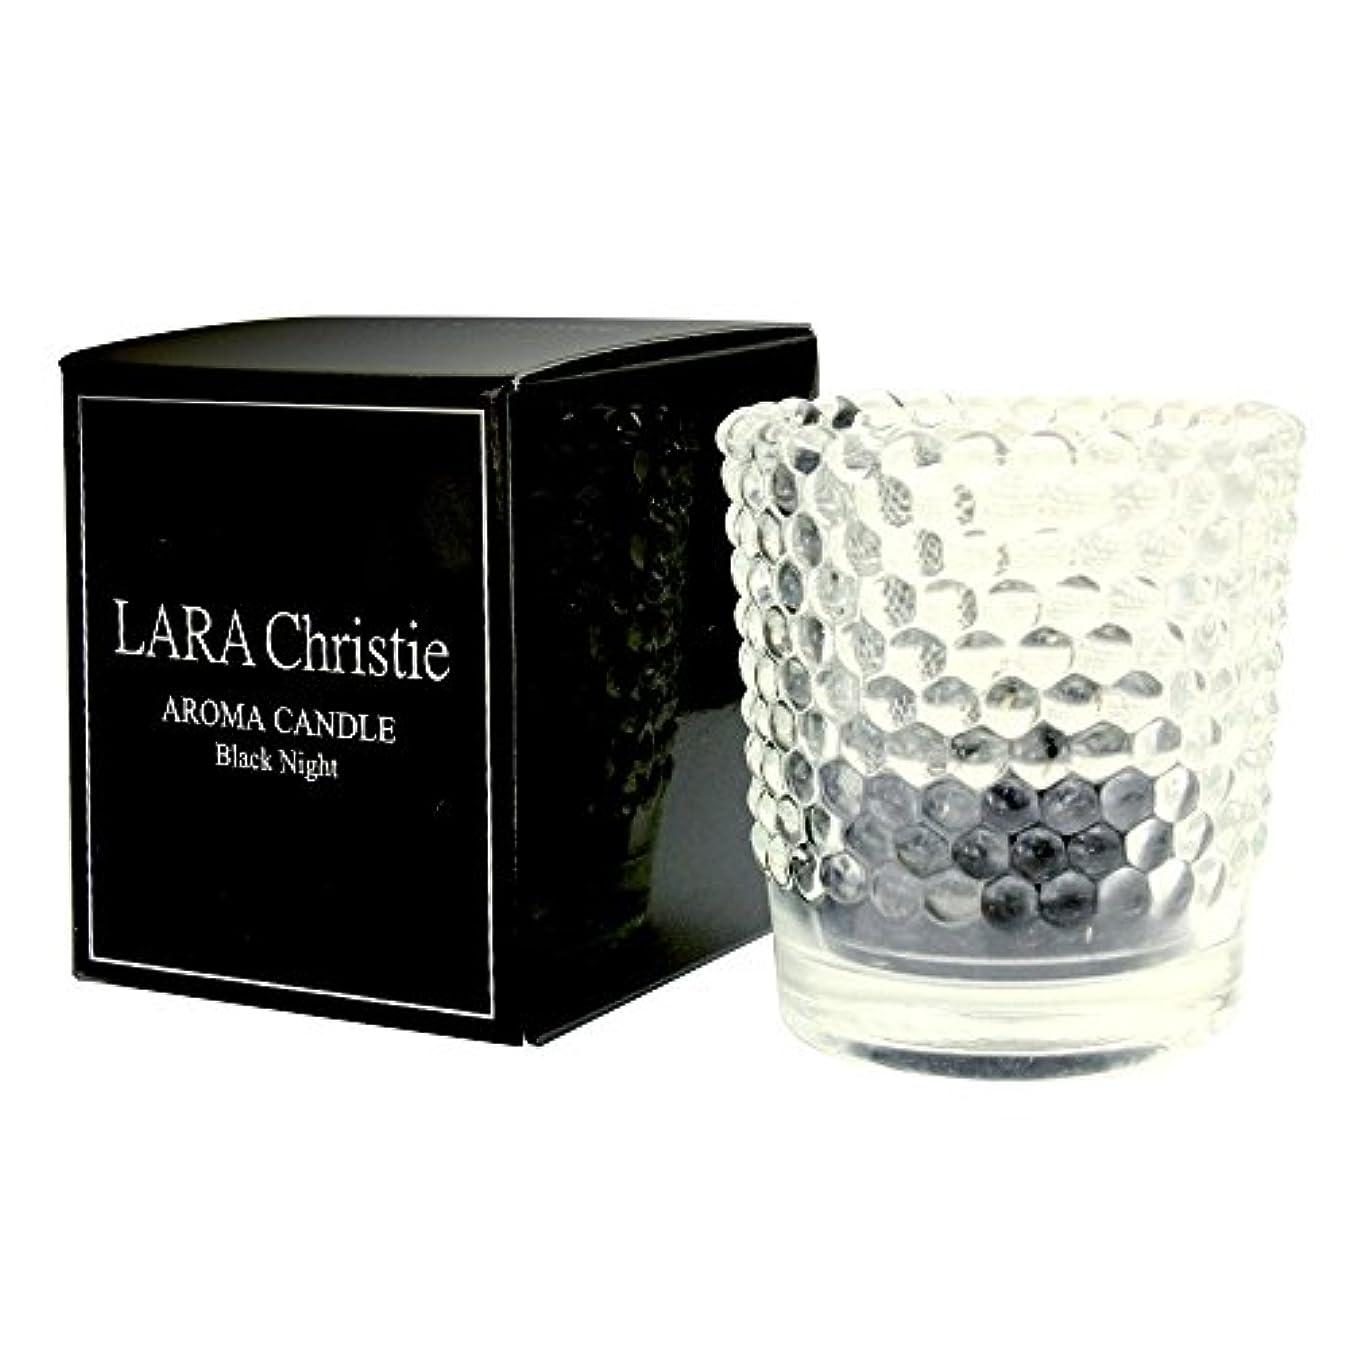 魔術ショッキング経歴[ララクリスティー] LARA Christie ブラックナイト アロマキャンドル [ BLACK Label ] a0011-b